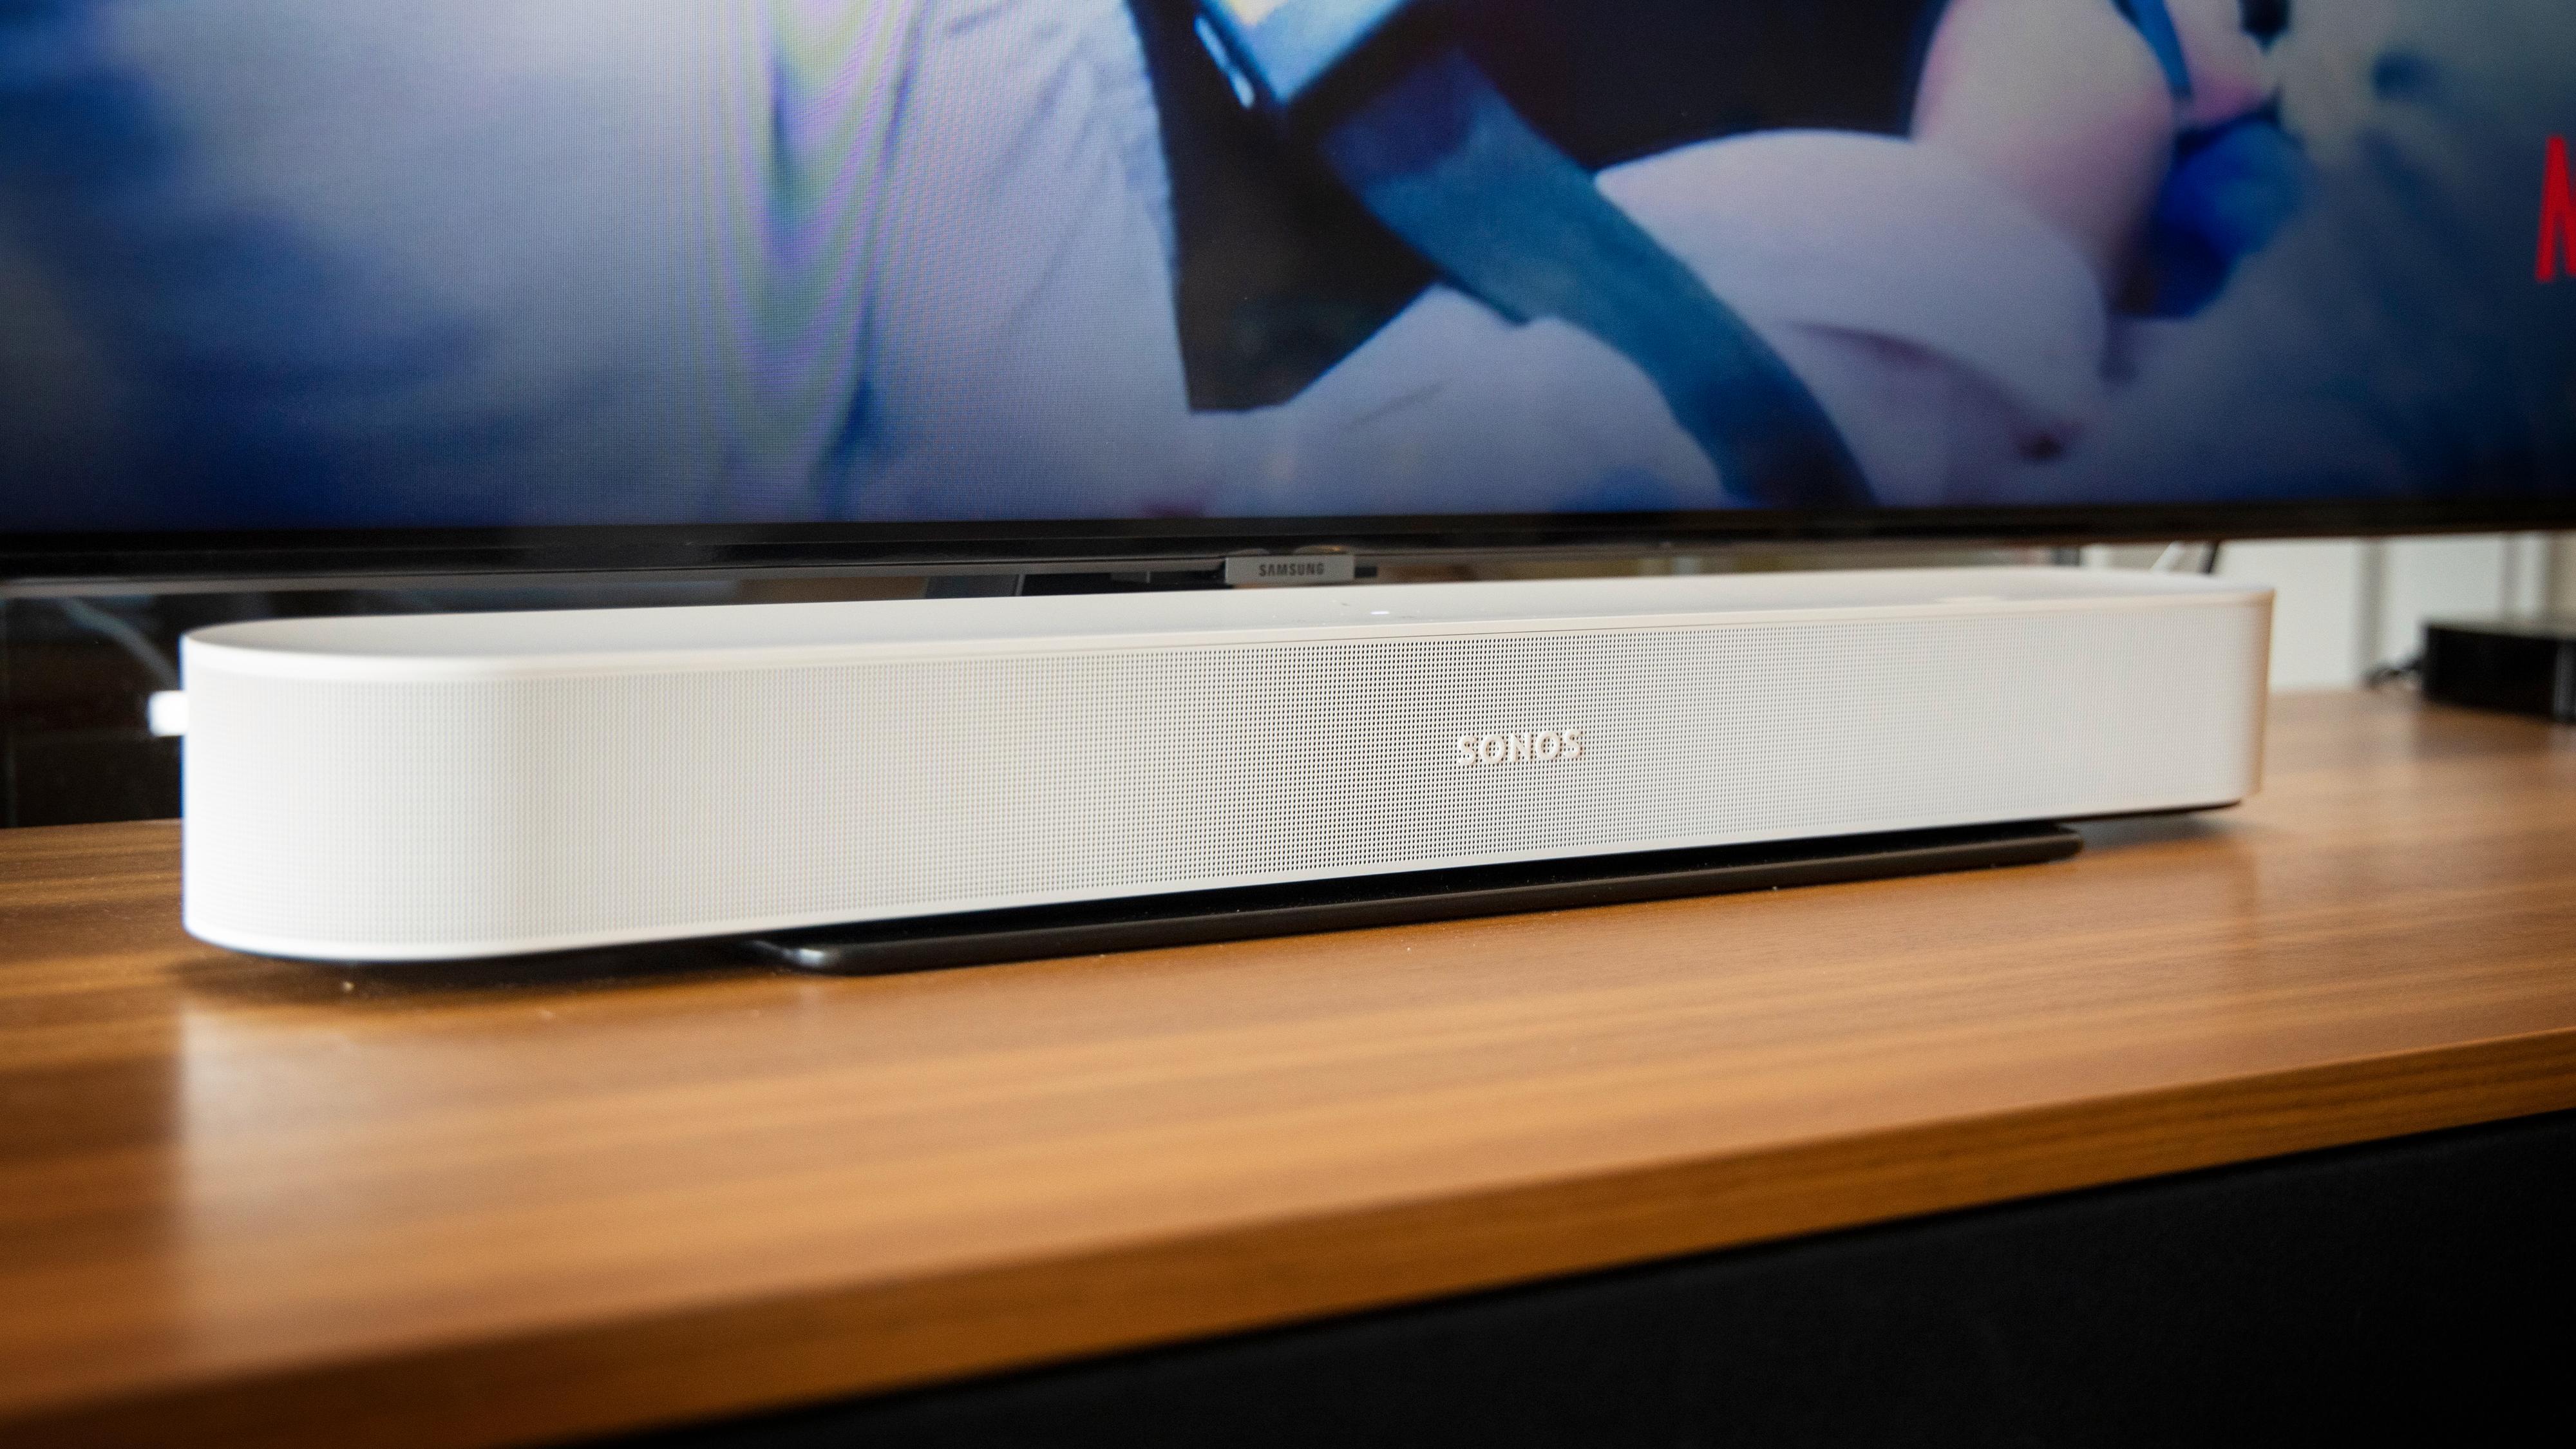 Sonos Beam (Gen 2) har fått en ny og kraftigere prosessor som blant annet gir Dolby Atmos-støtte. Men er det egentlig noe poeng i en såpass liten høyttaler?